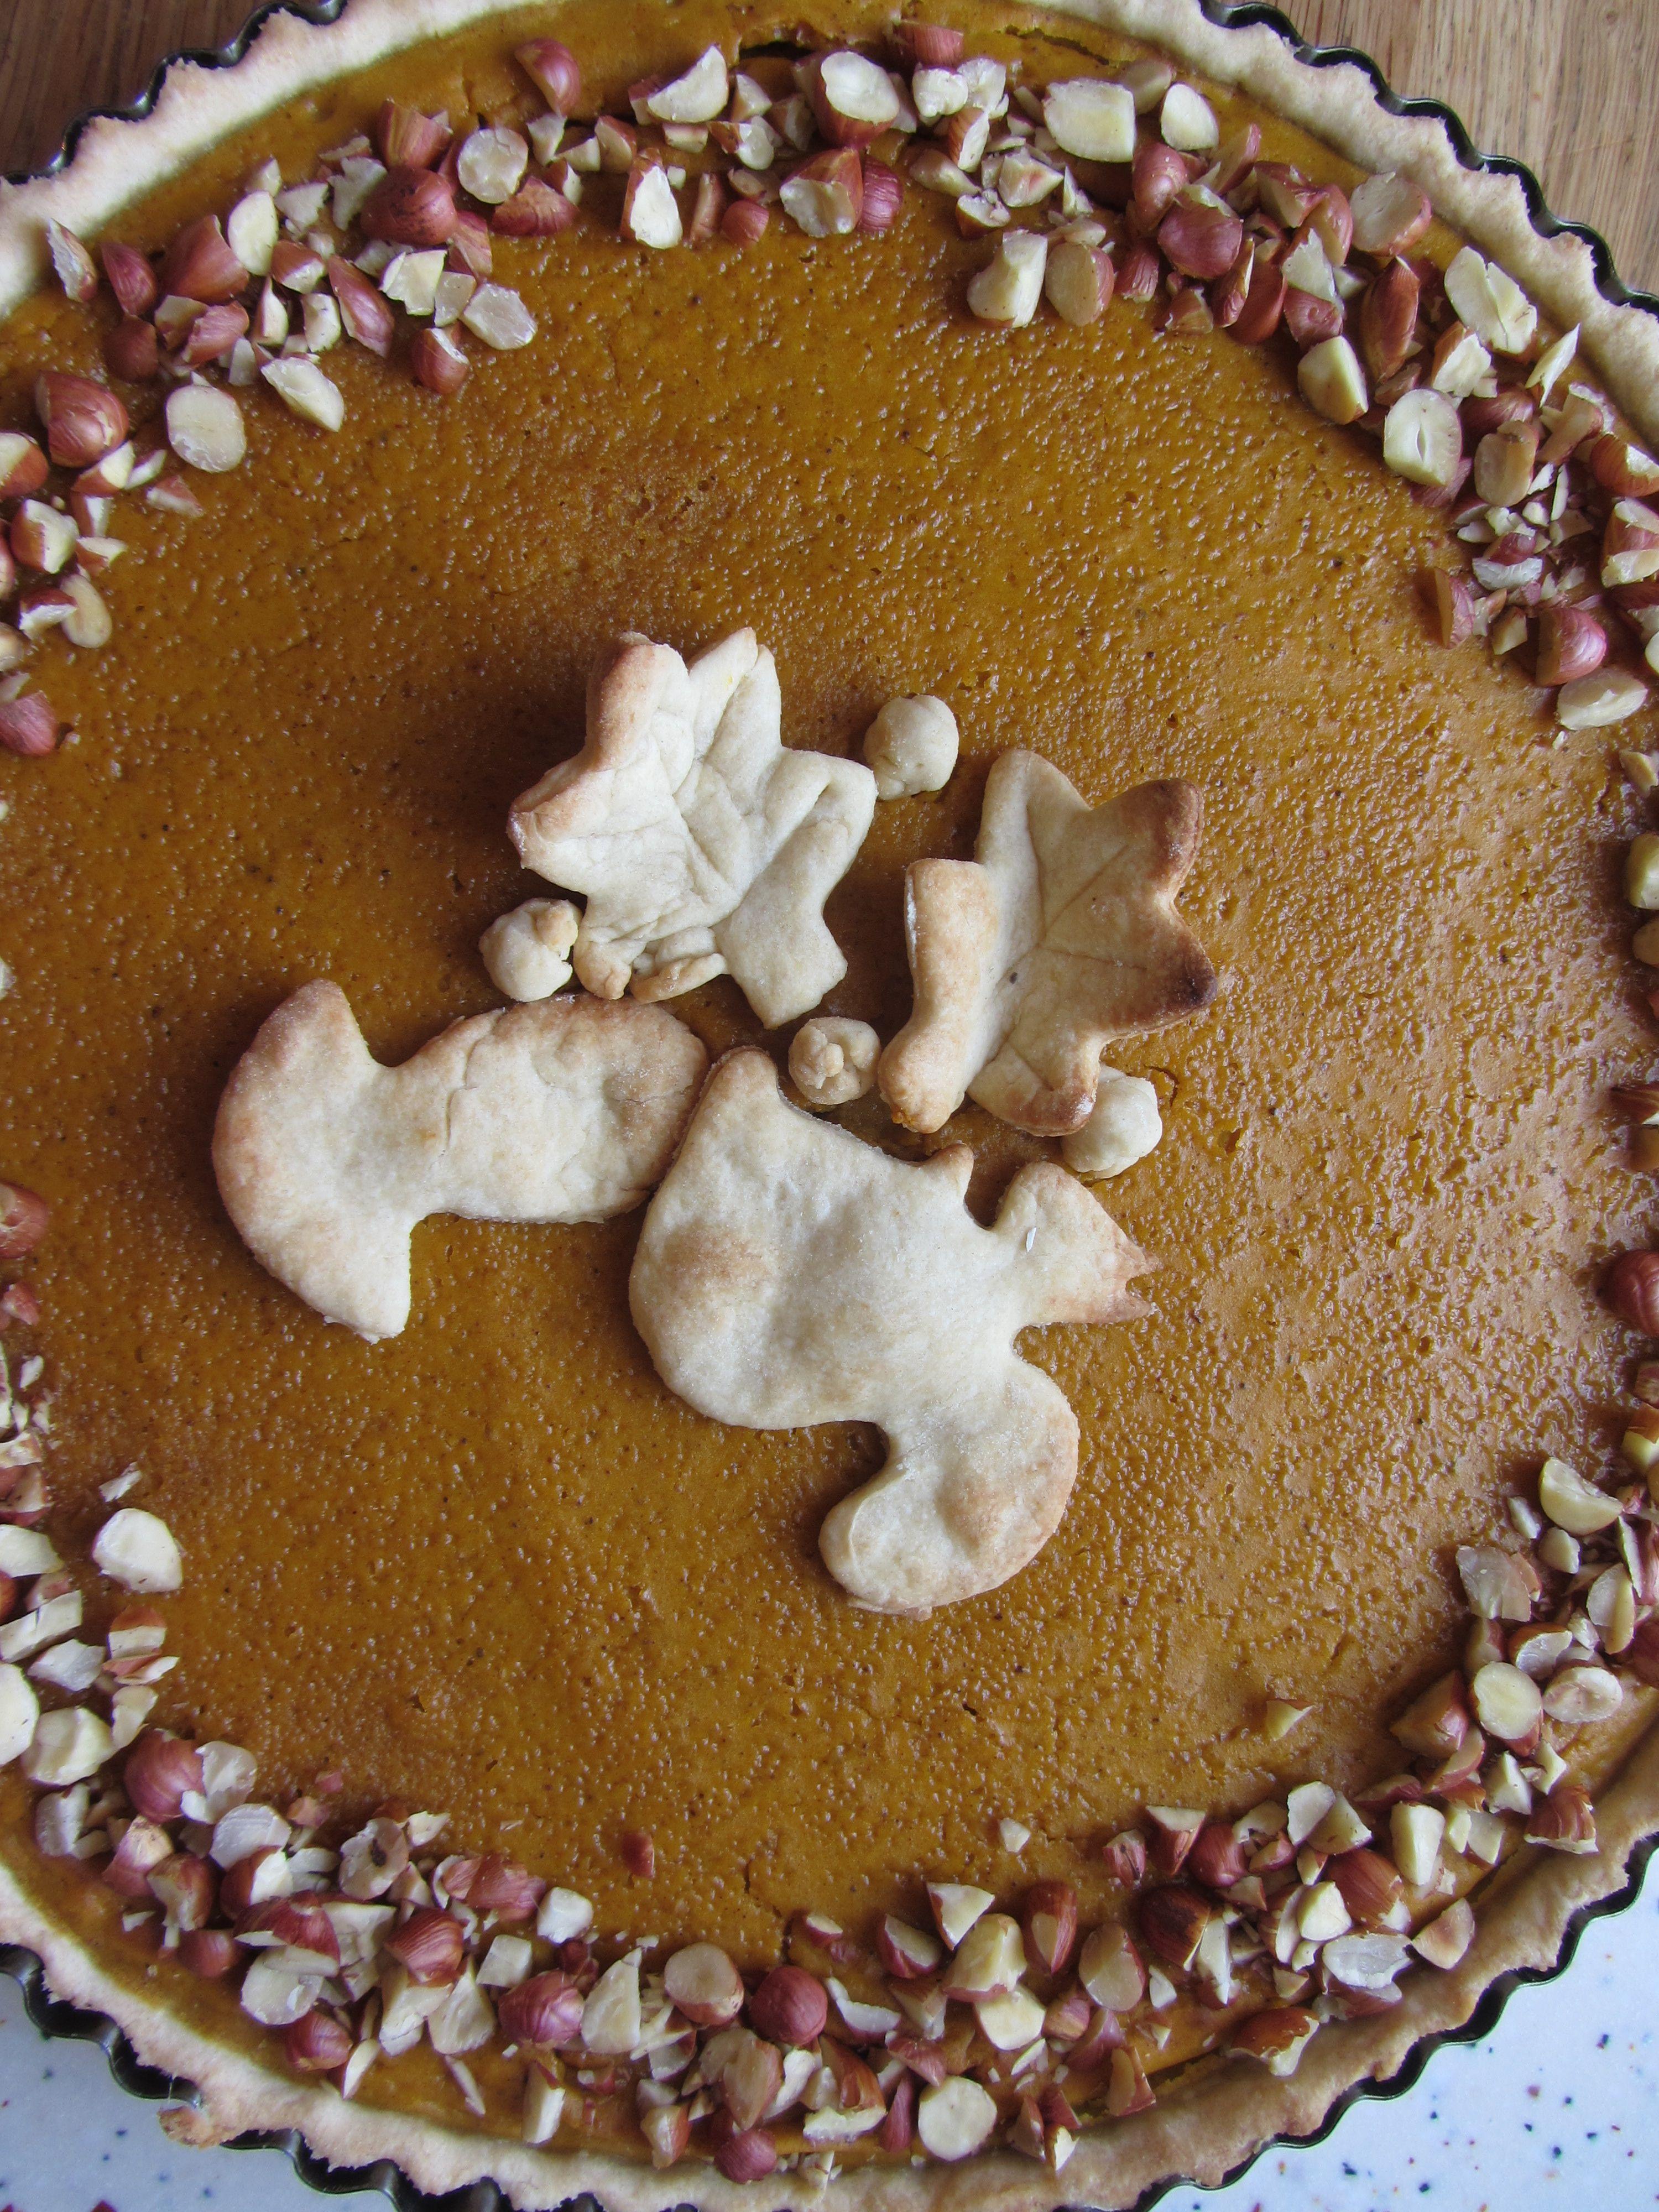 Tarte au potimarron, épices et noisettes - Pumpkin pie